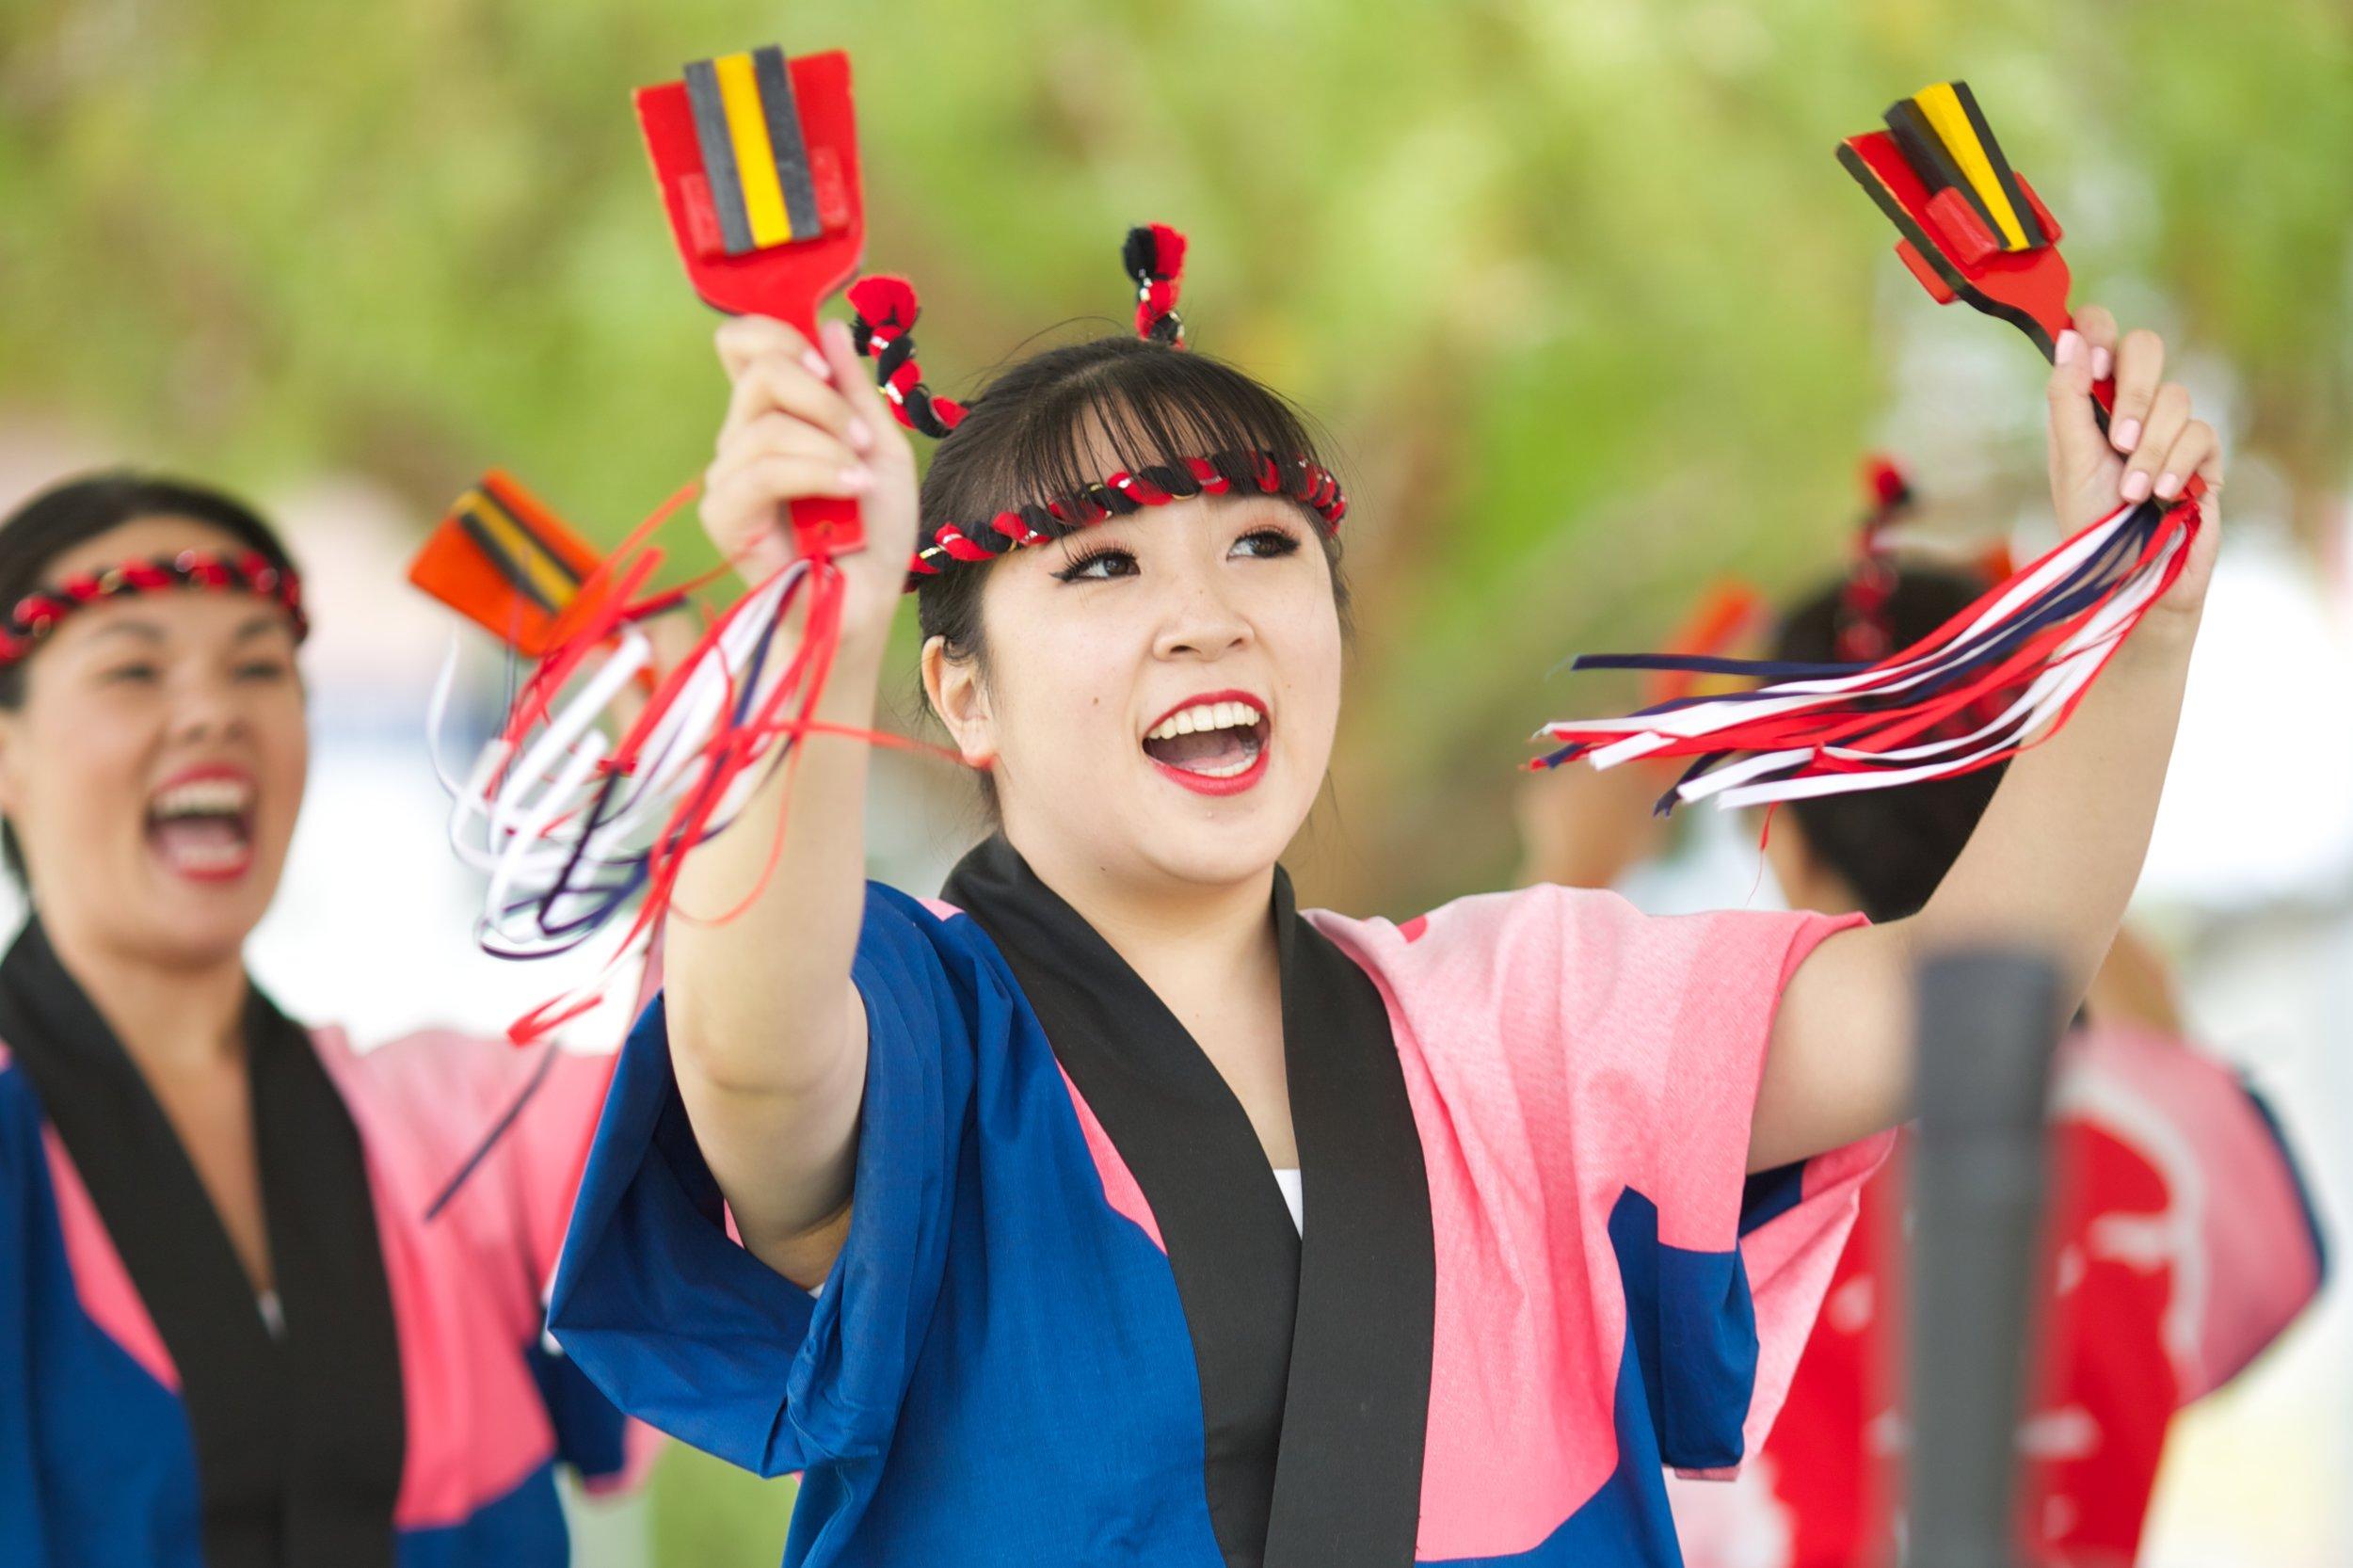 minyo-tanoshimi-kai---japanese-cultural-fair-of-santa-cruz-2015_19410112589_o.jpg